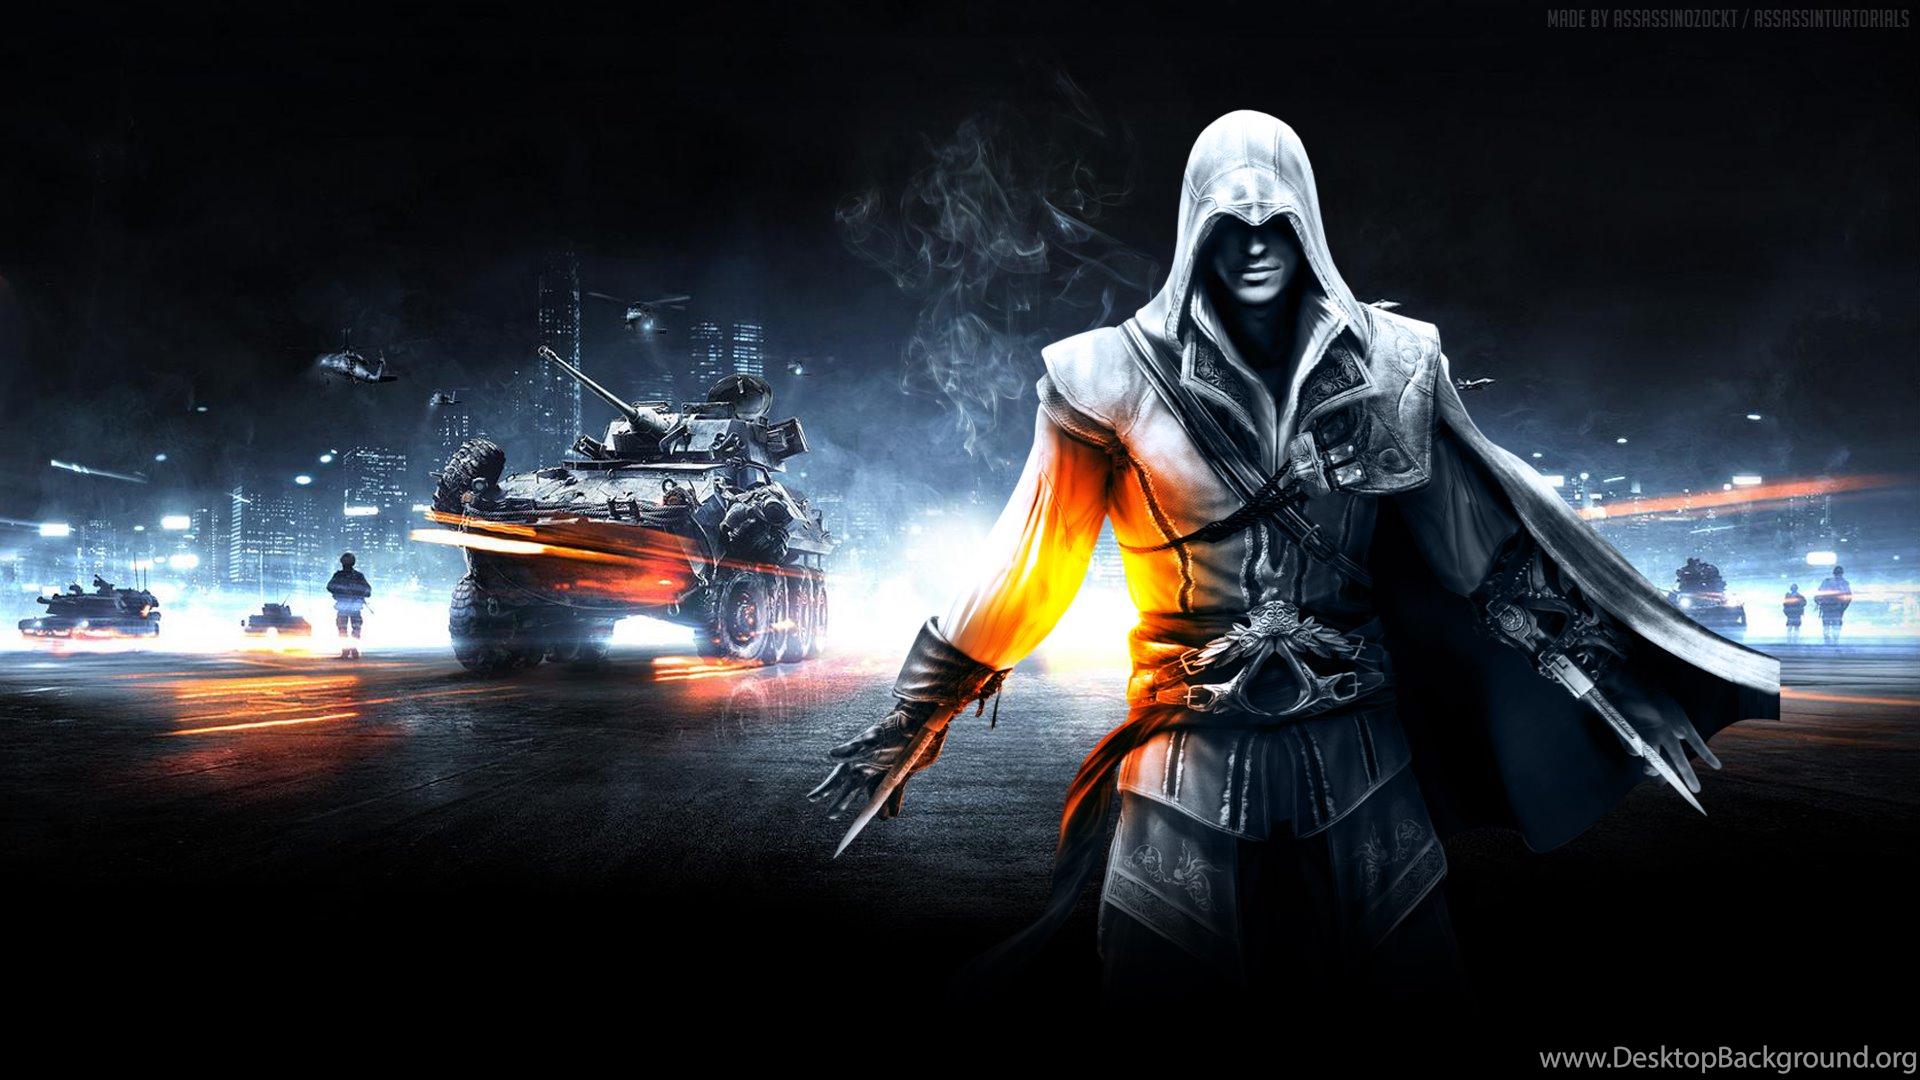 Games Wallpapers Desktop Background